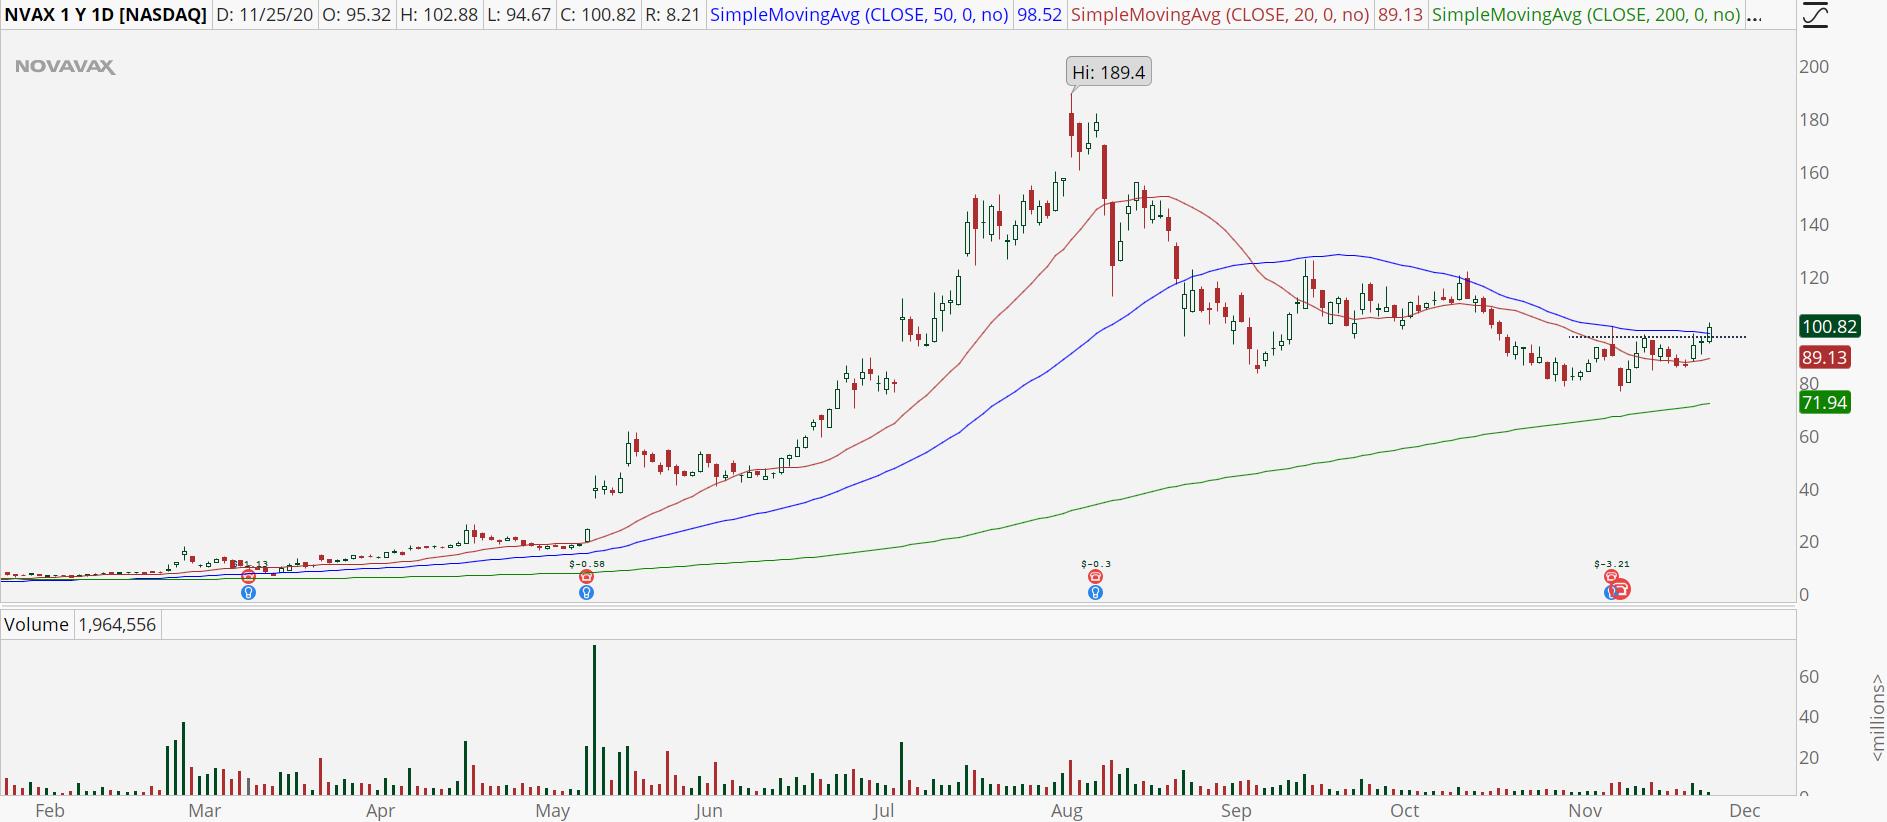 Novavax (NVAX) chart showing upside break of 50 MA